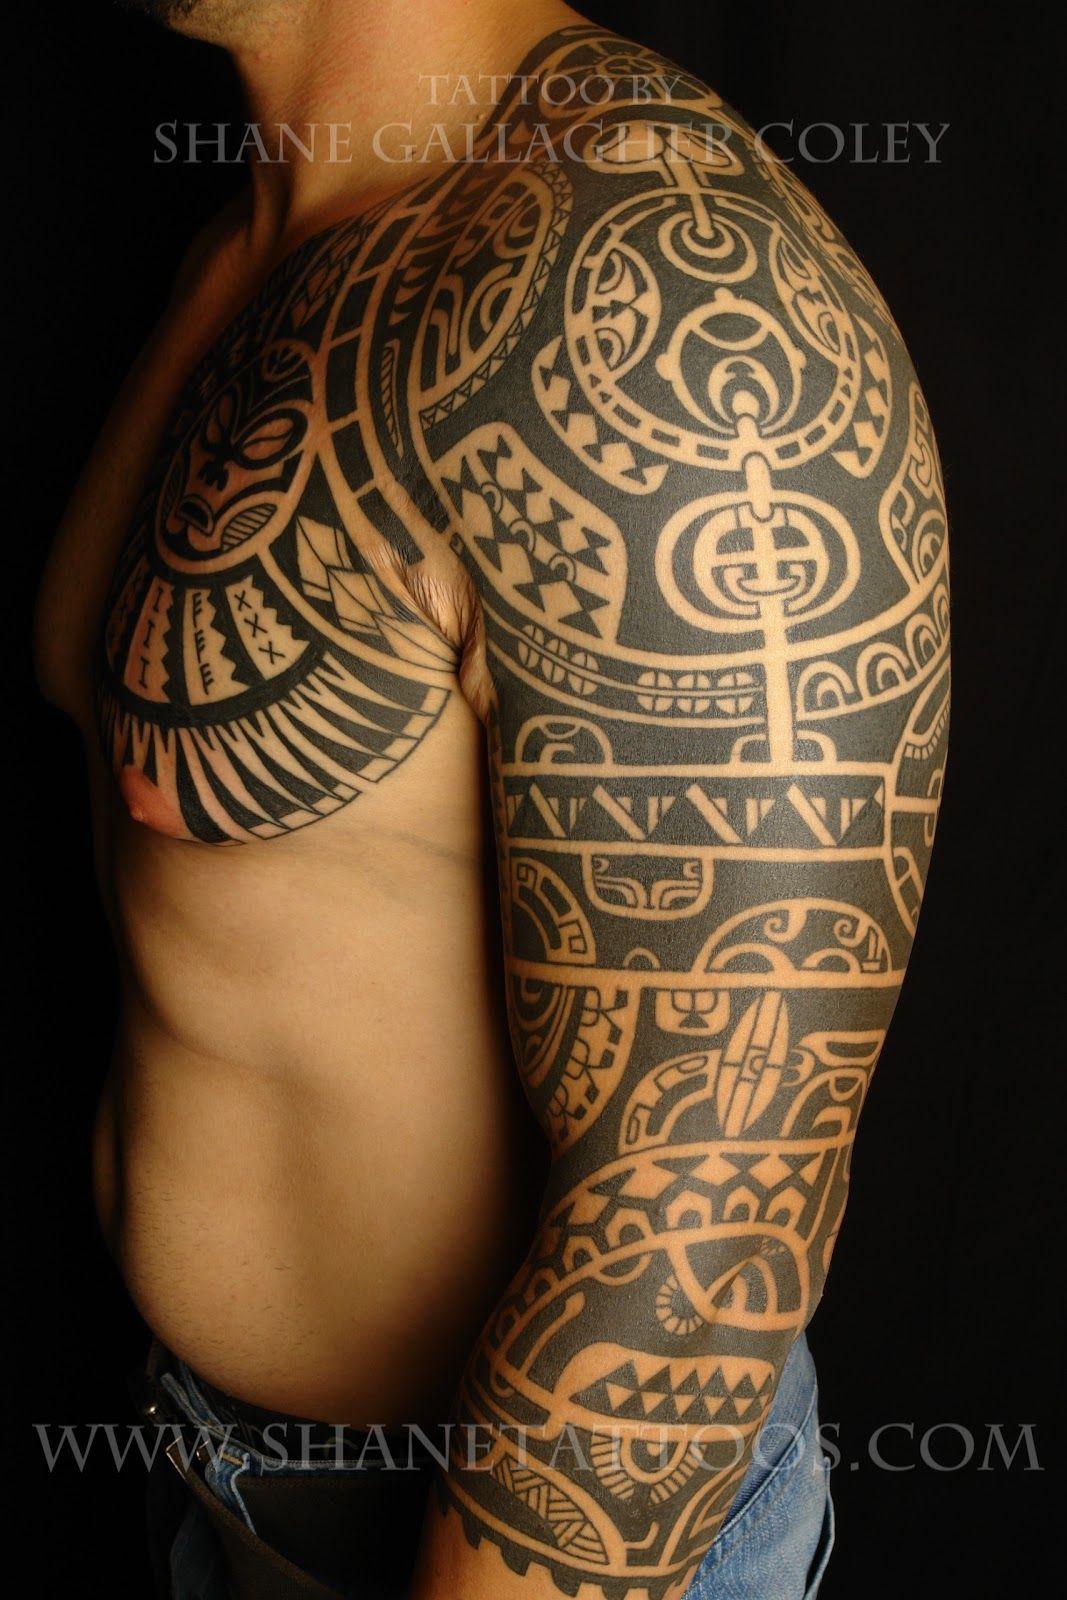 Dsc06391 Jpg 1067 1600 Shane Tattoo Body Tattoos Tattoos